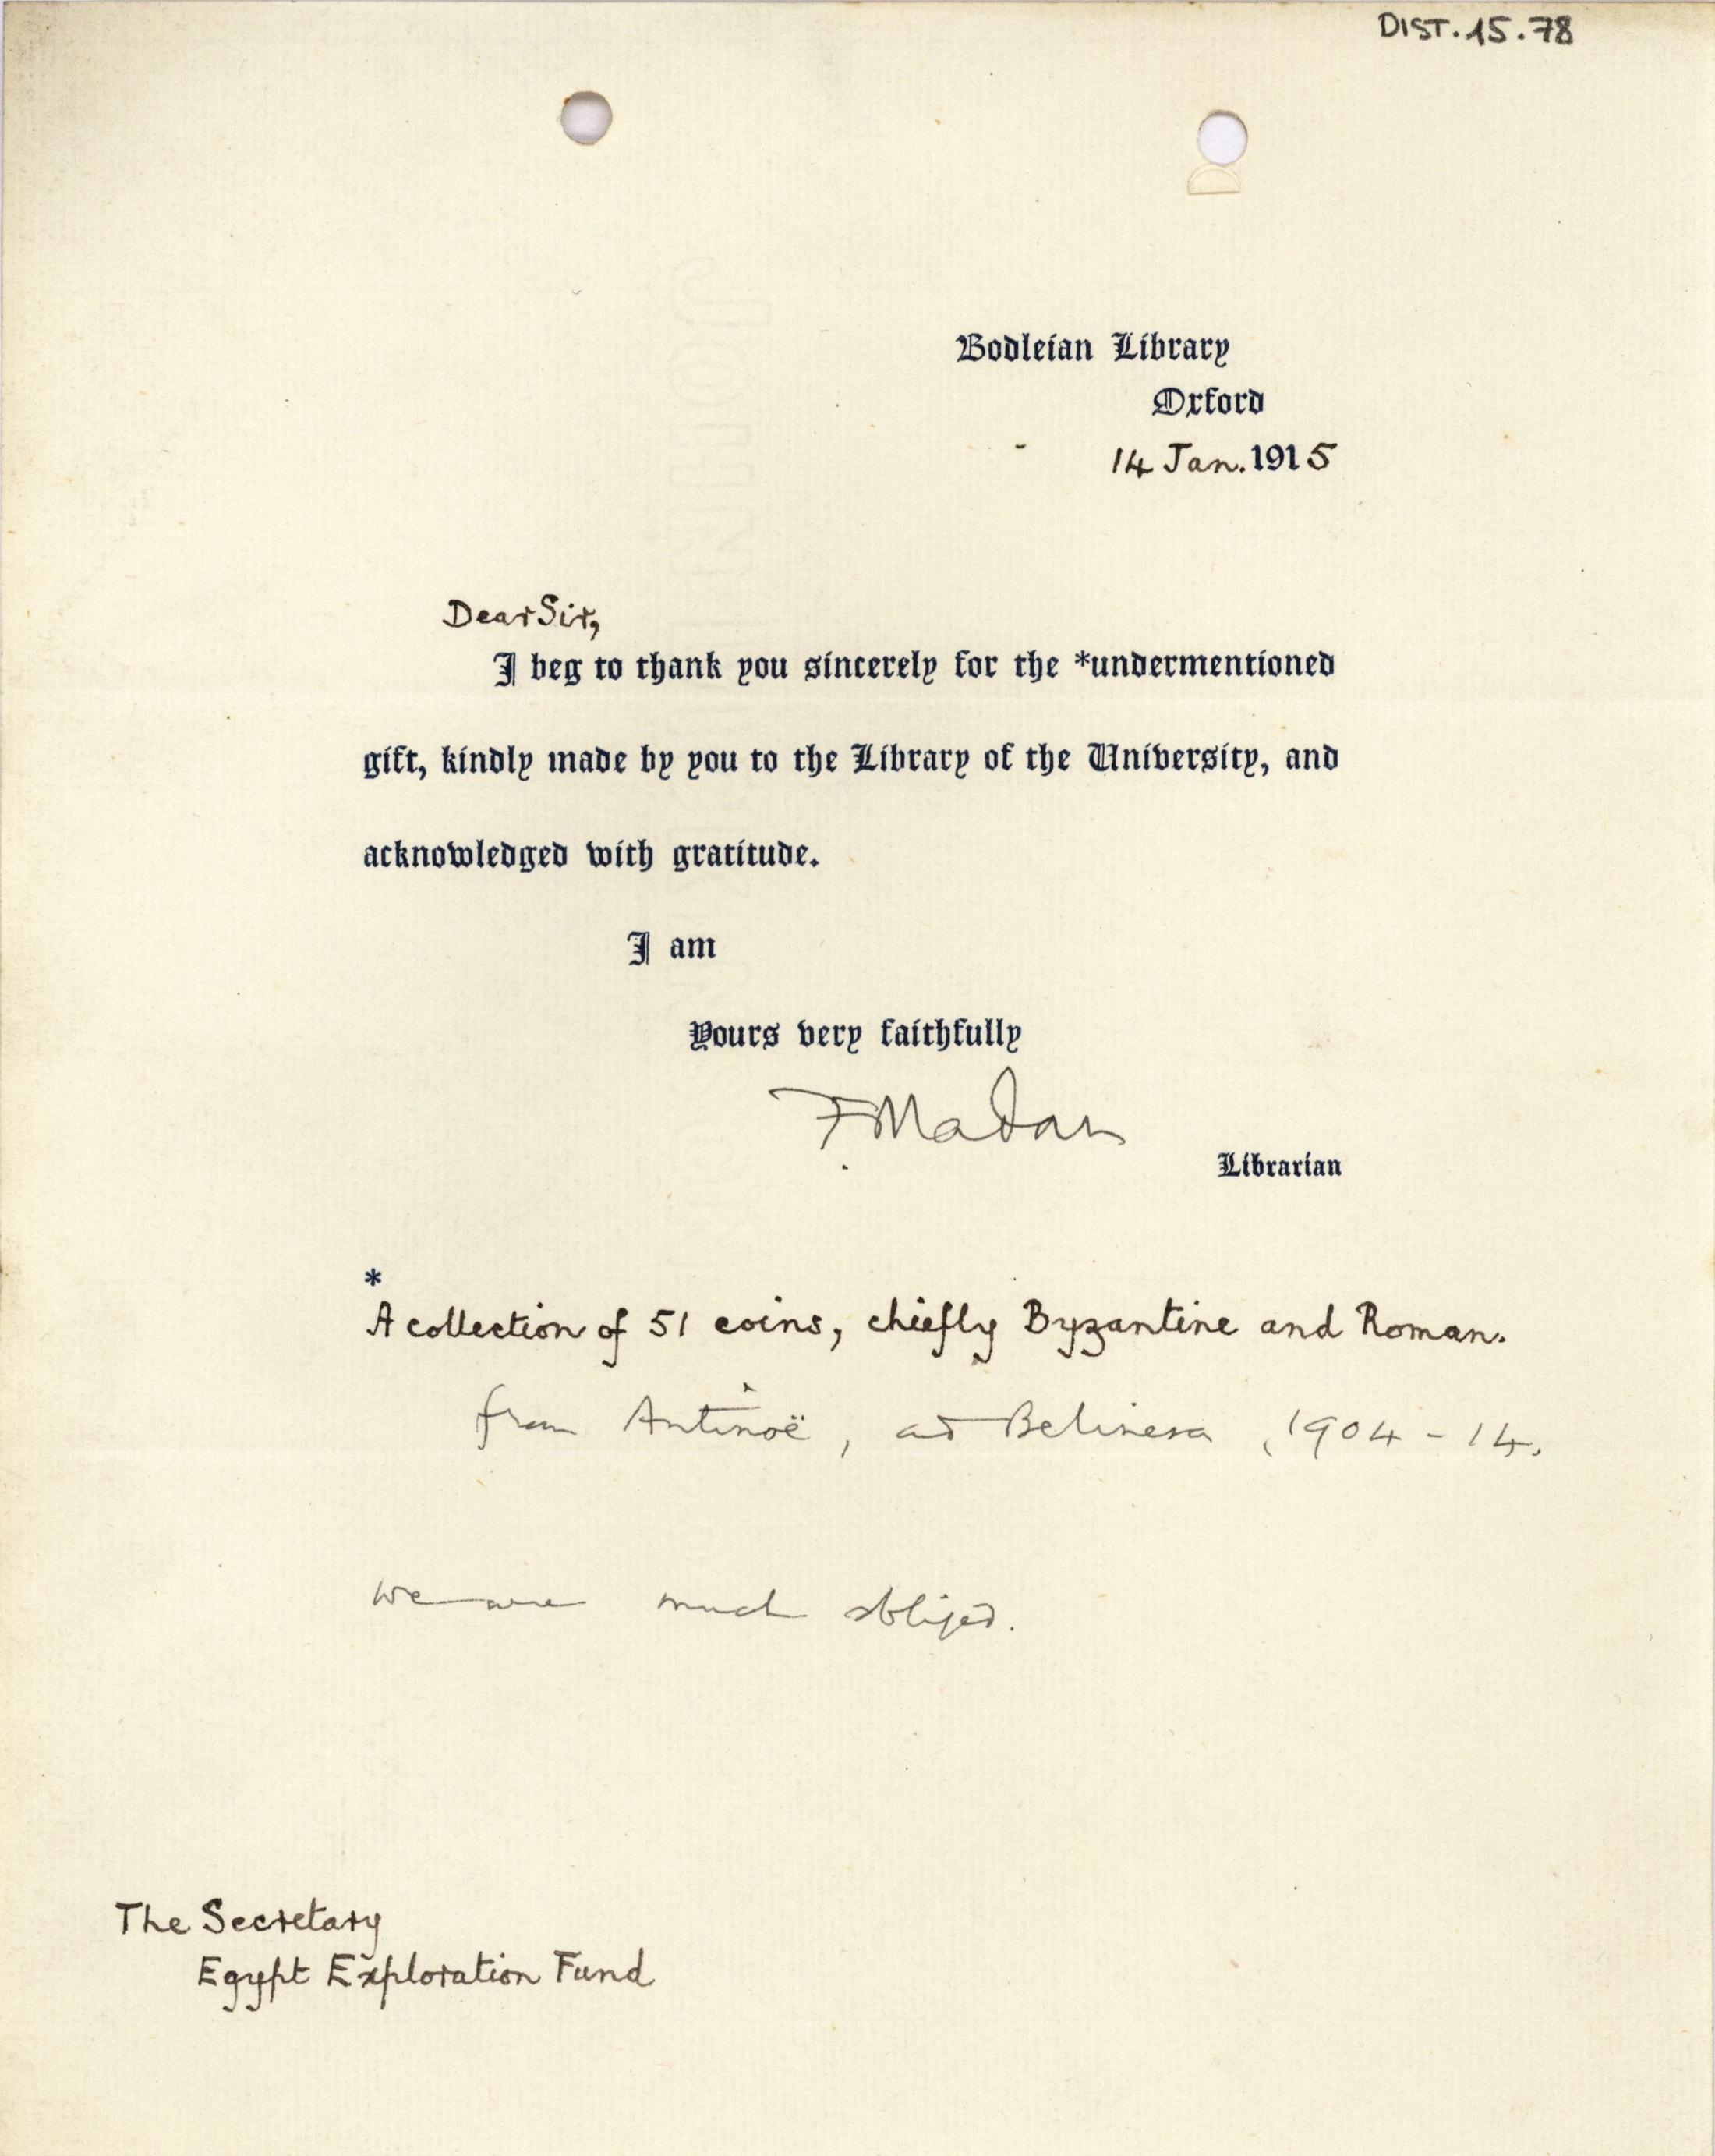 1884-1915 Oxyrhynchus, Faiyum, el-Hibeh, Atfieh, el-Sheikh Ibada DIST.15.78